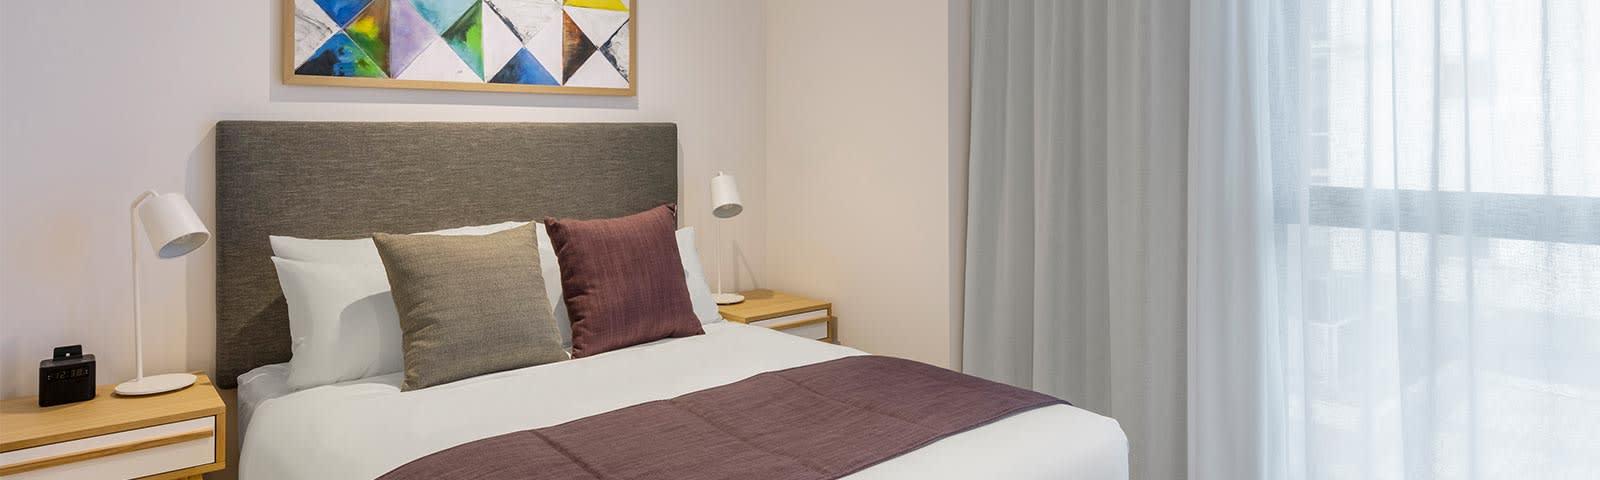 two bedroom suite bedroom at Avani Broadbeach Gold Coast Queensland